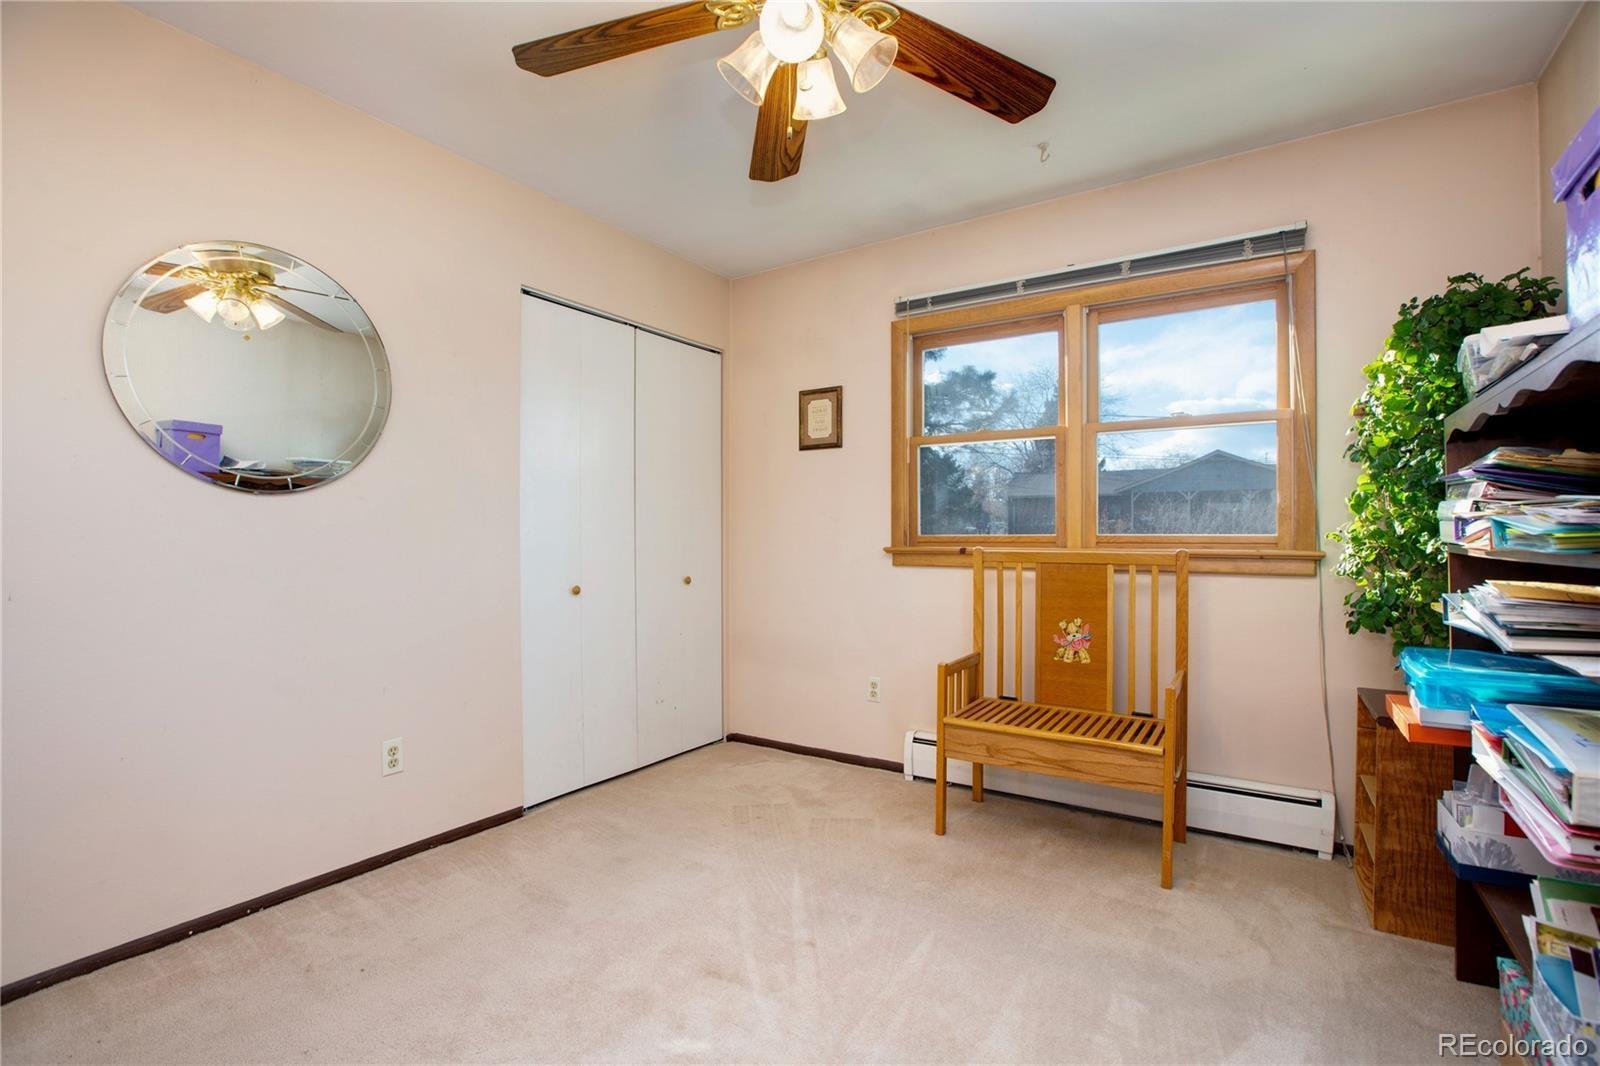 MLS# 4563423 - 17 - 3425 S Pierce Street, Lakewood, CO 80227